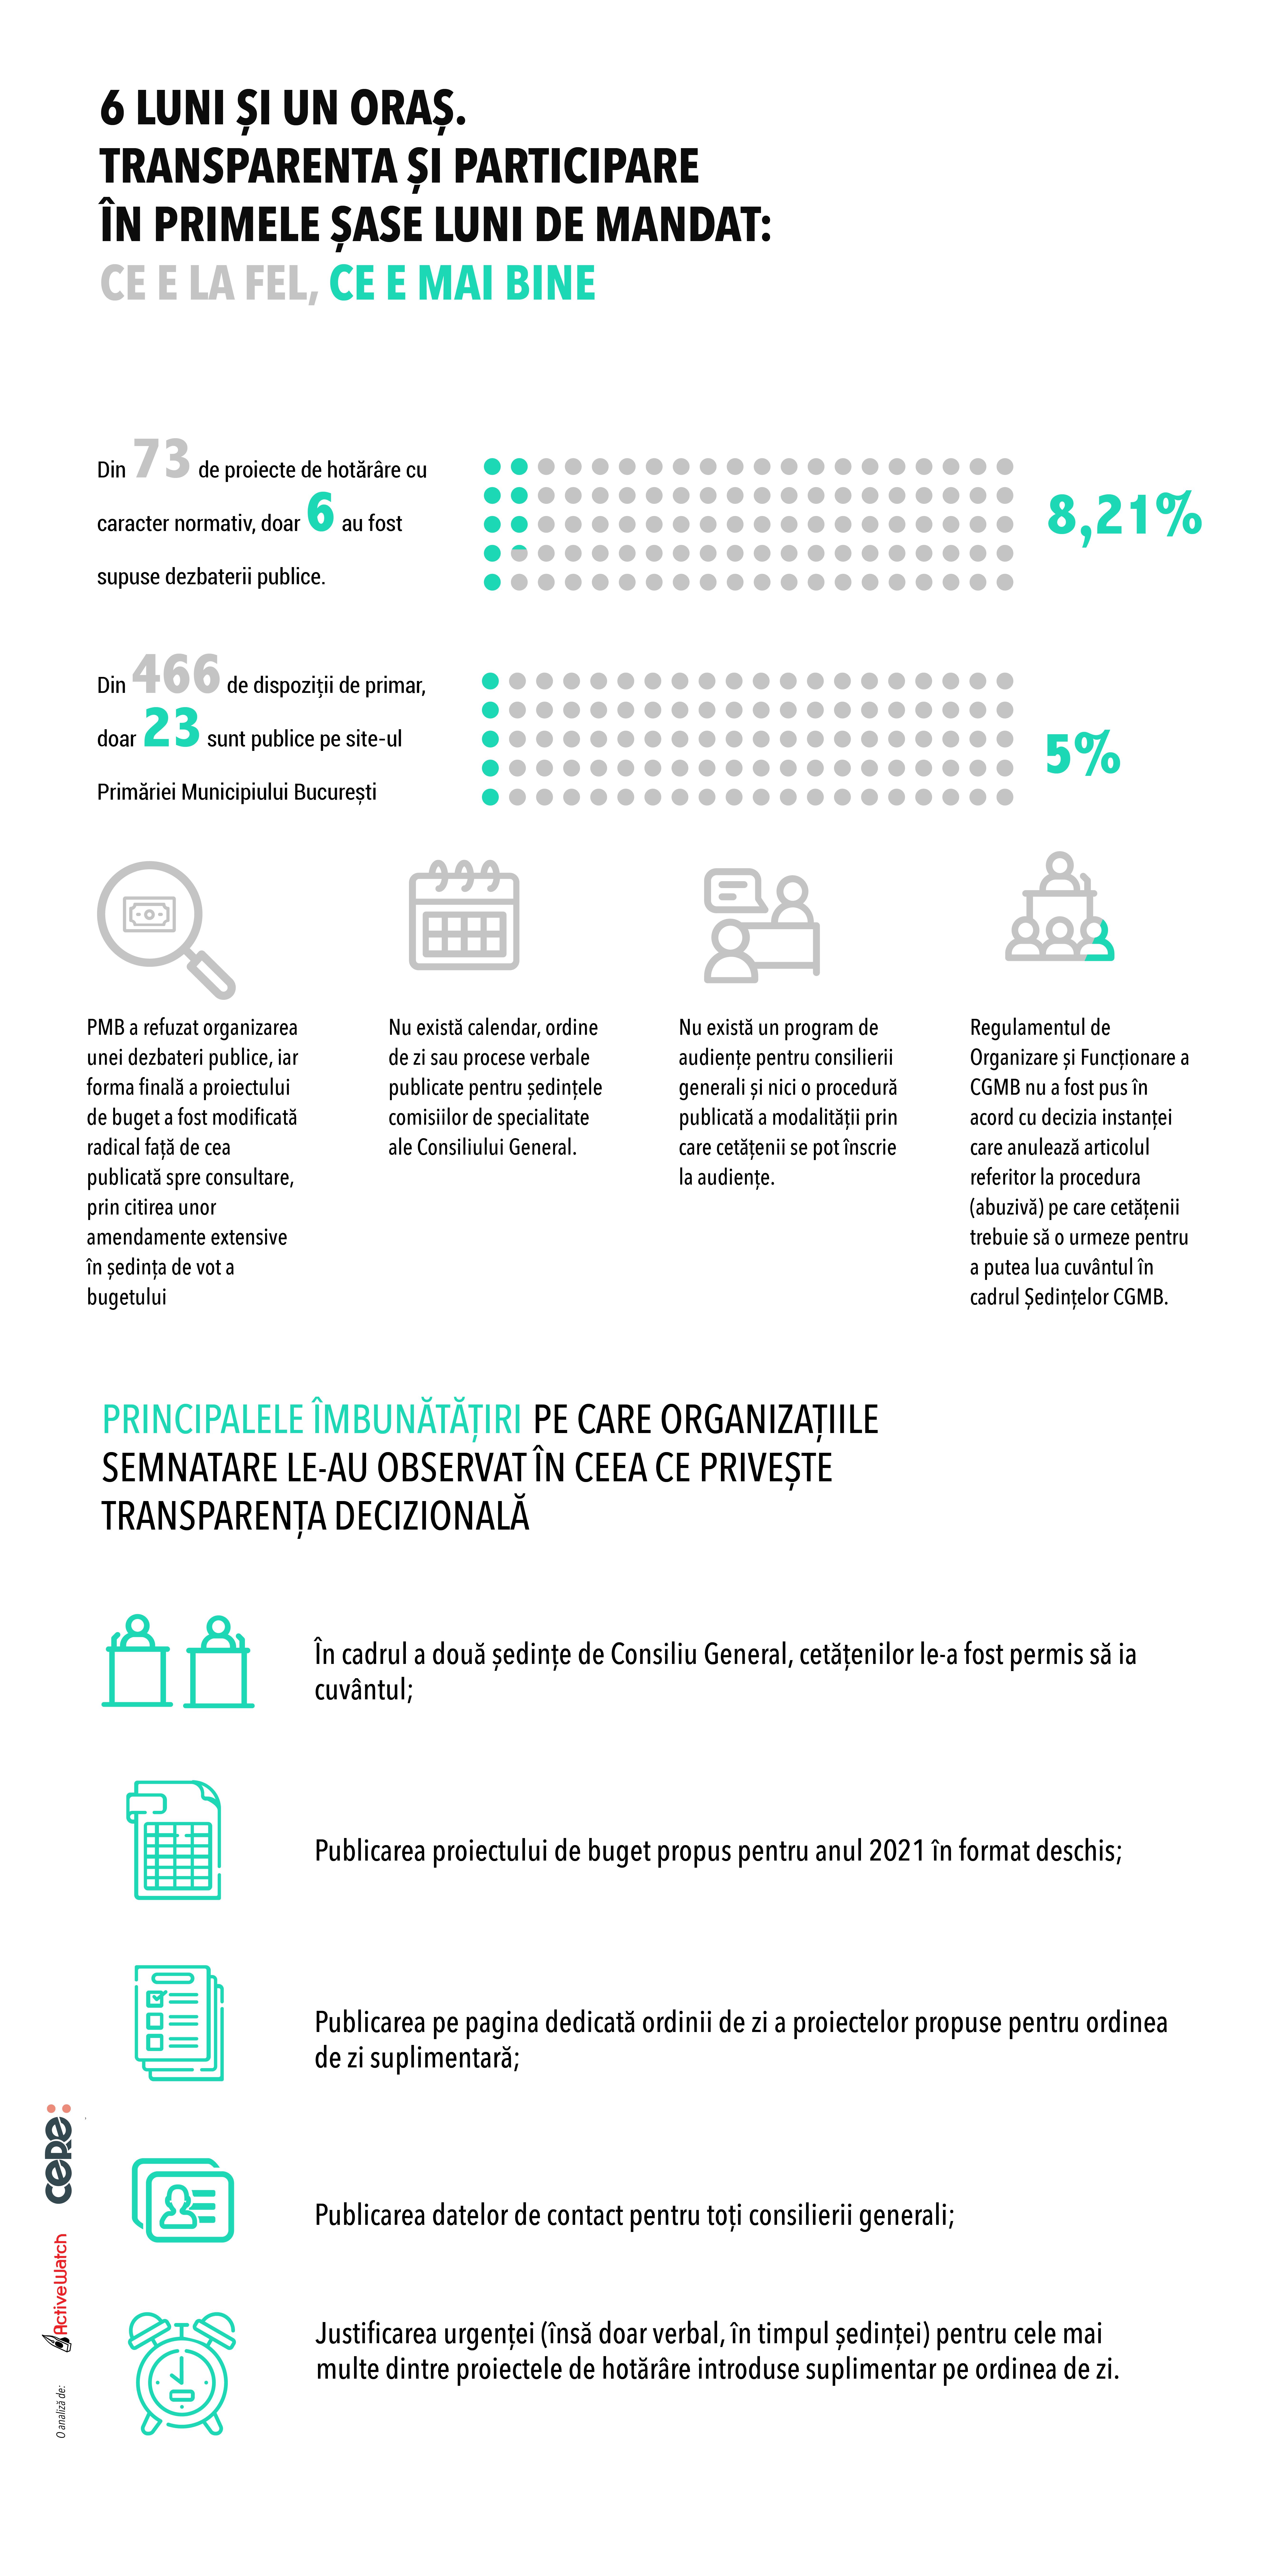 CeRe și ActiveWatch au realizat un Raport pentru primele 6 luni din mandatul Primarului General al Capitalei, Nicușor Dan și a actualului Consiliu General al Municipiului București